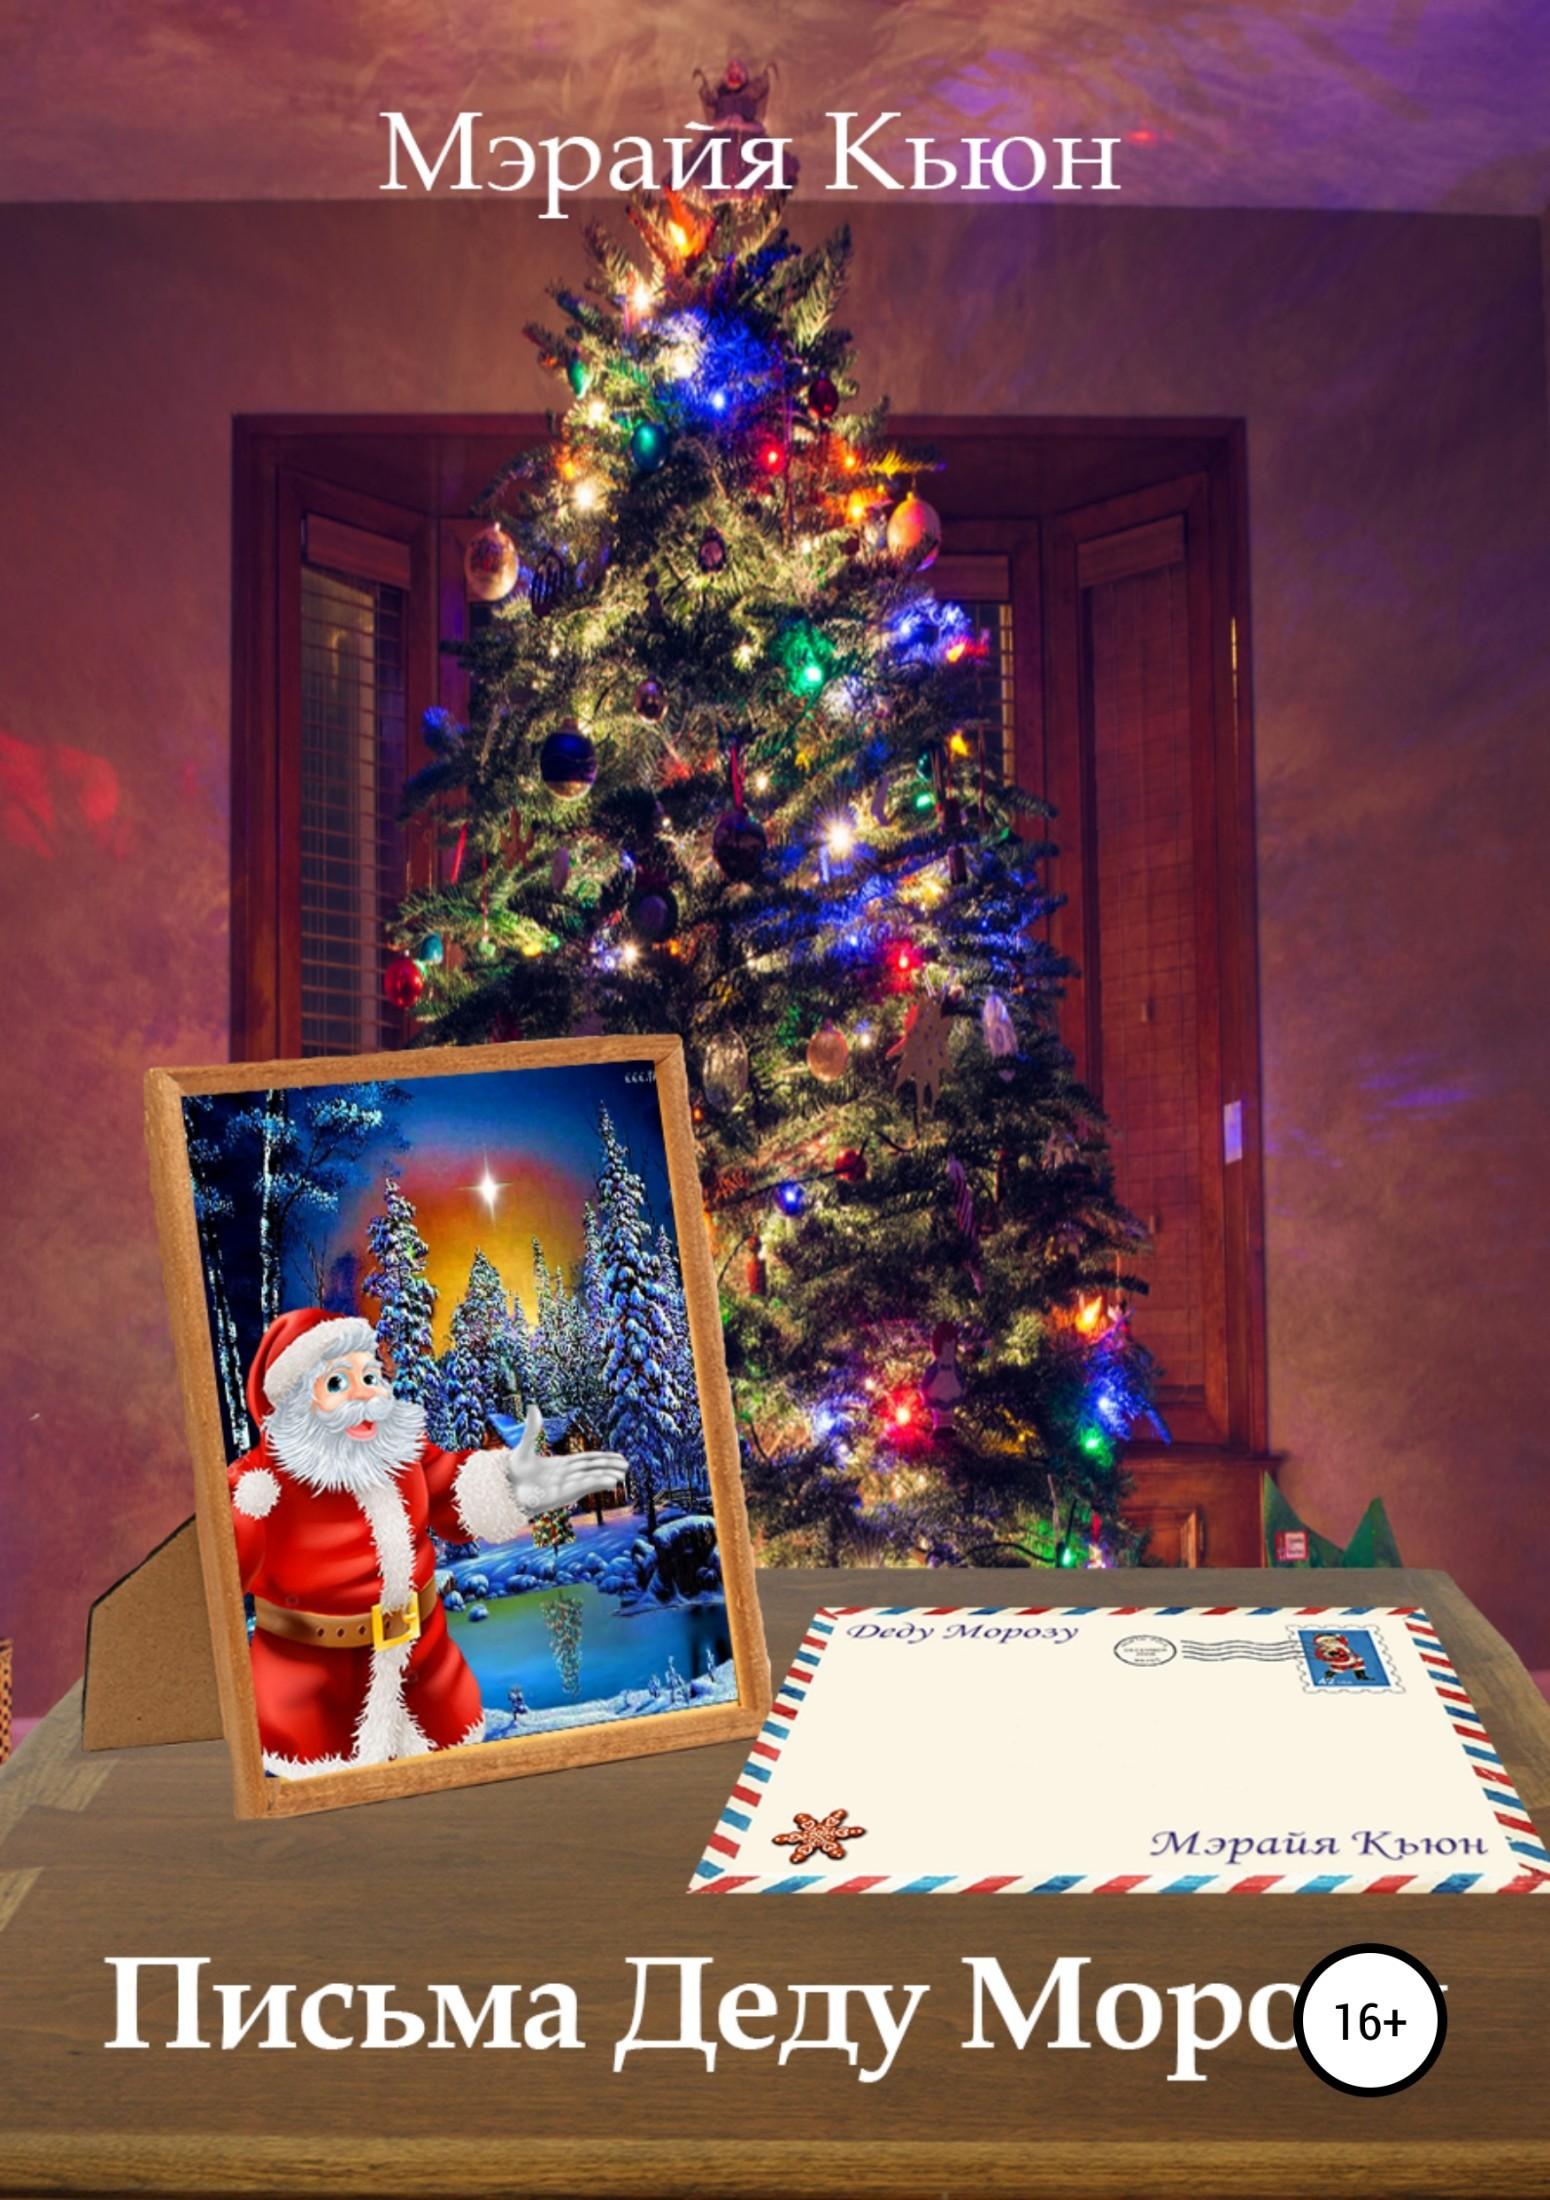 Мэрайя Кьюн Письма Деду Морозу